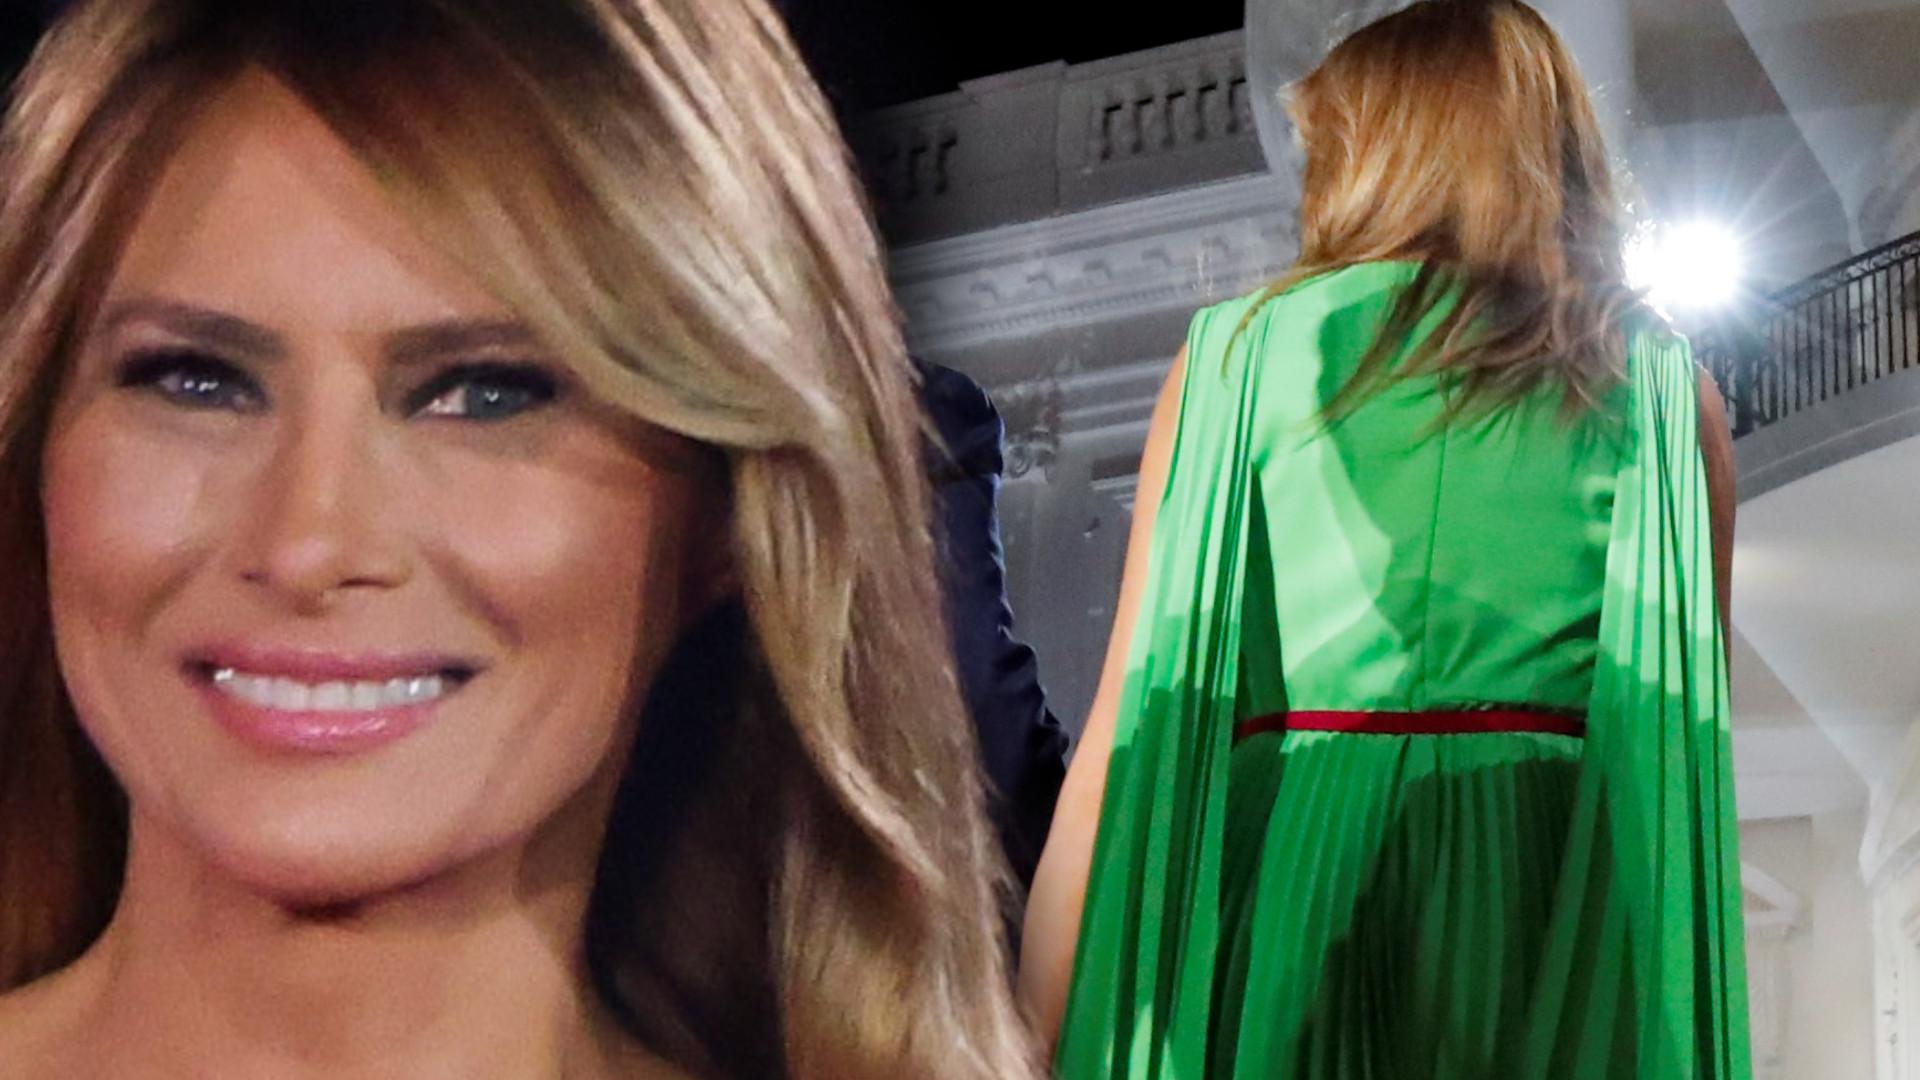 Melania Trump pojawiła się w dwóch kreacjach przed Białym Domem. Z jednej internauci mają ubaw(ZDJĘCIA)